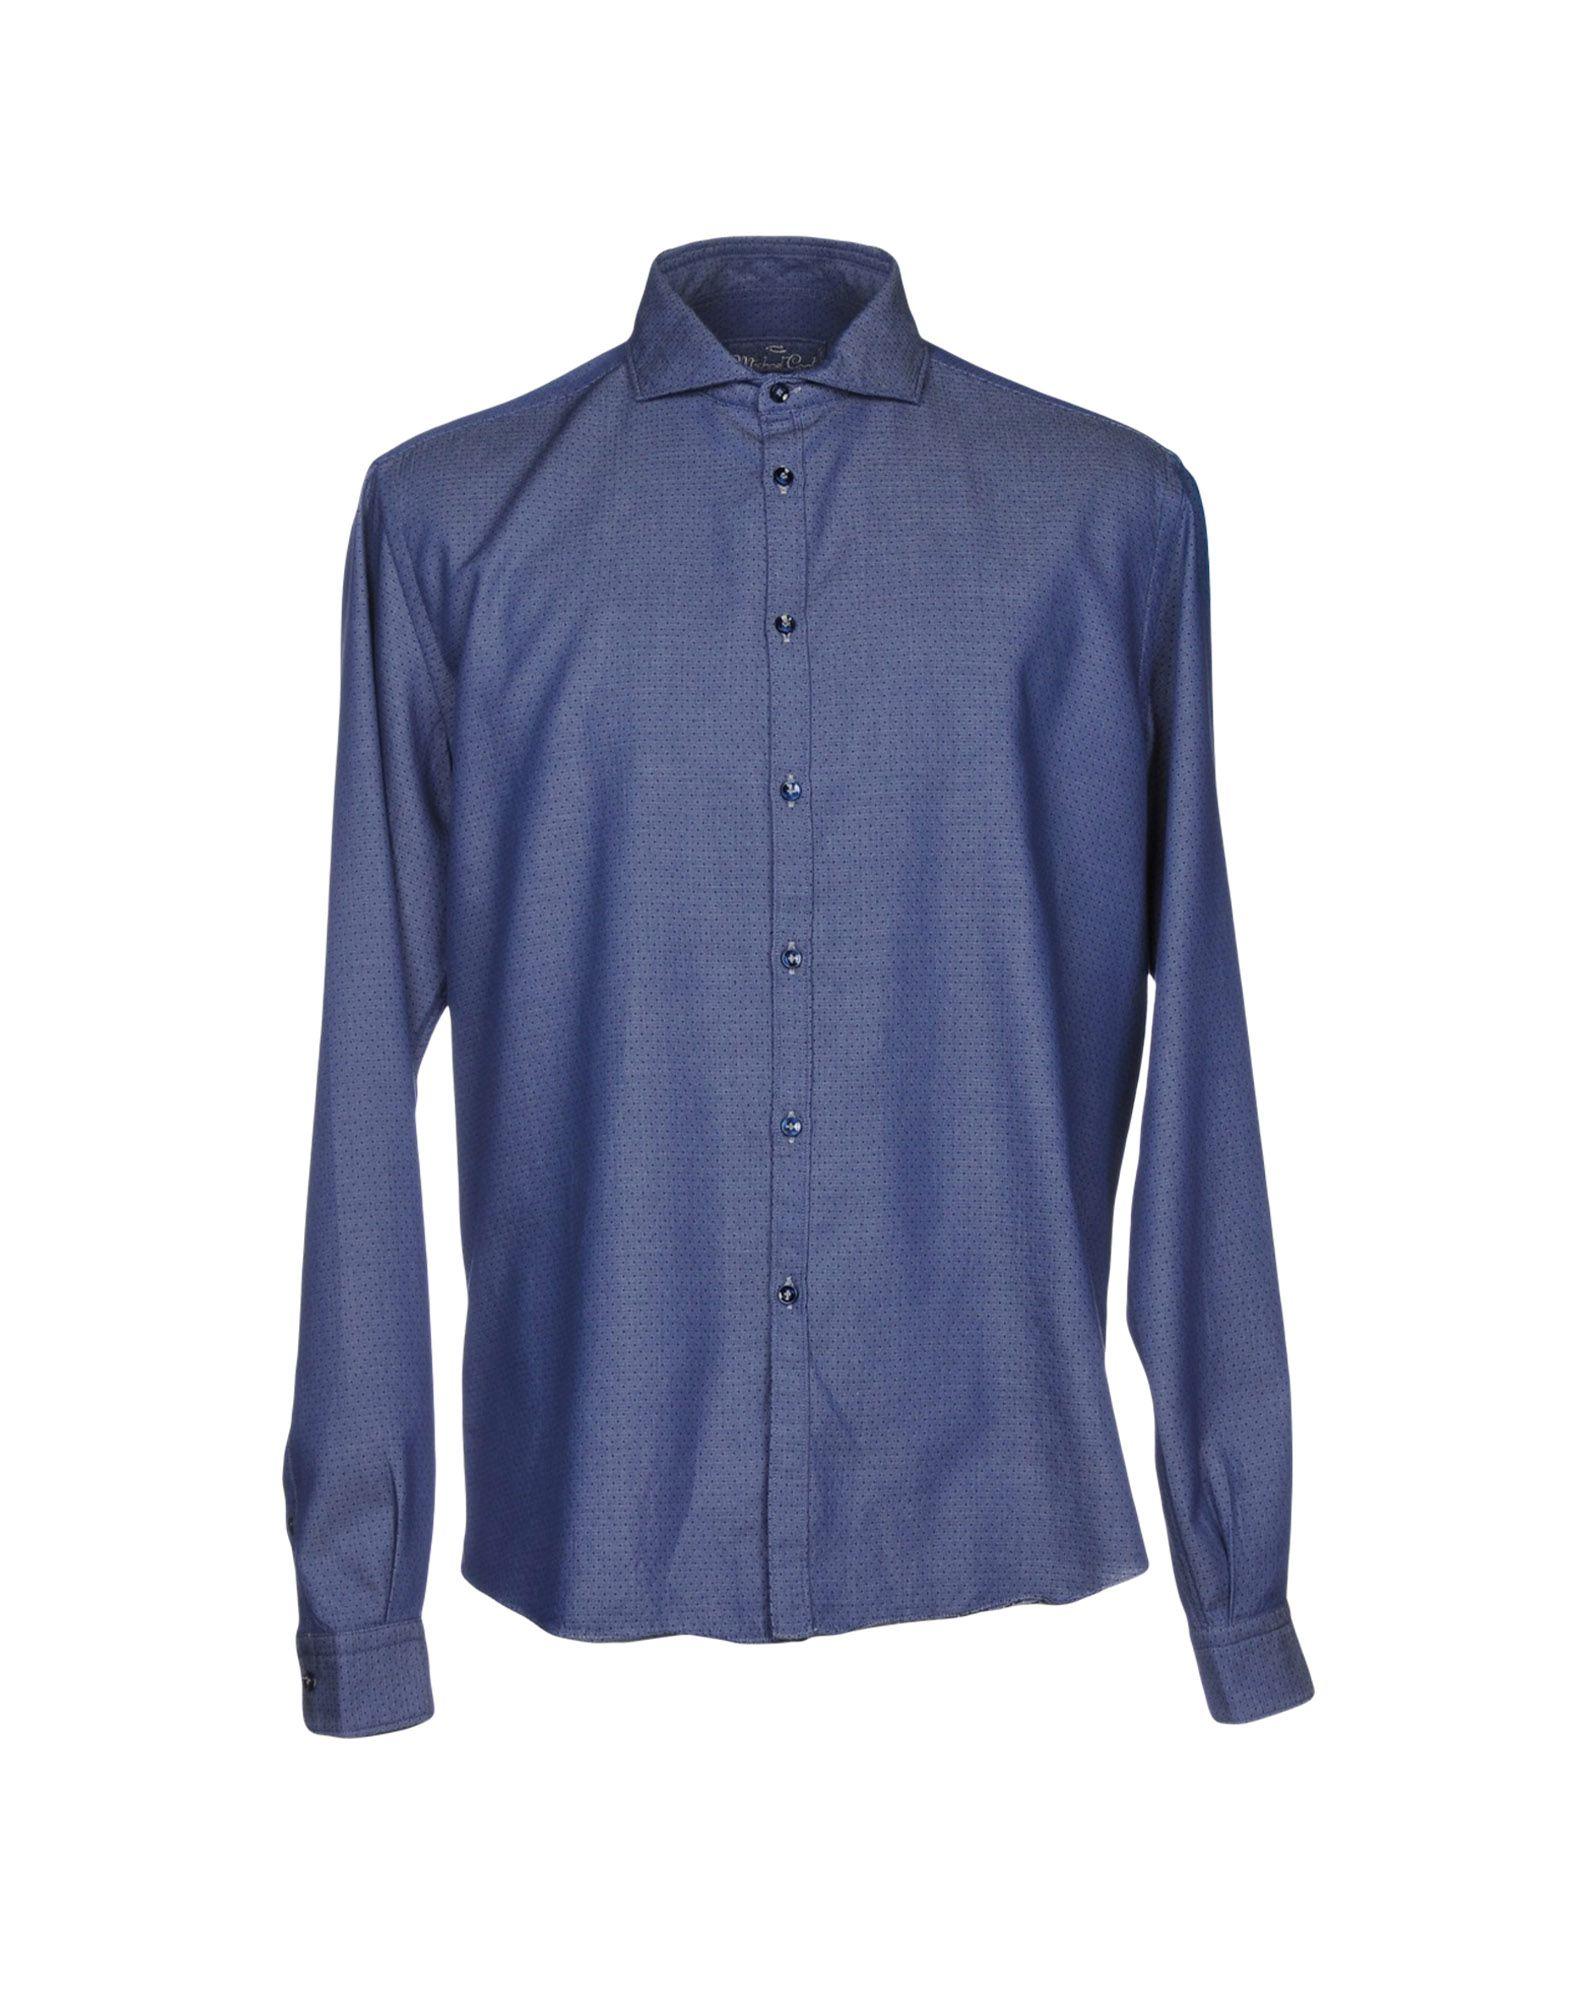 MICHAEL COAL Джинсовая рубашка рубашка в мелкий горошек